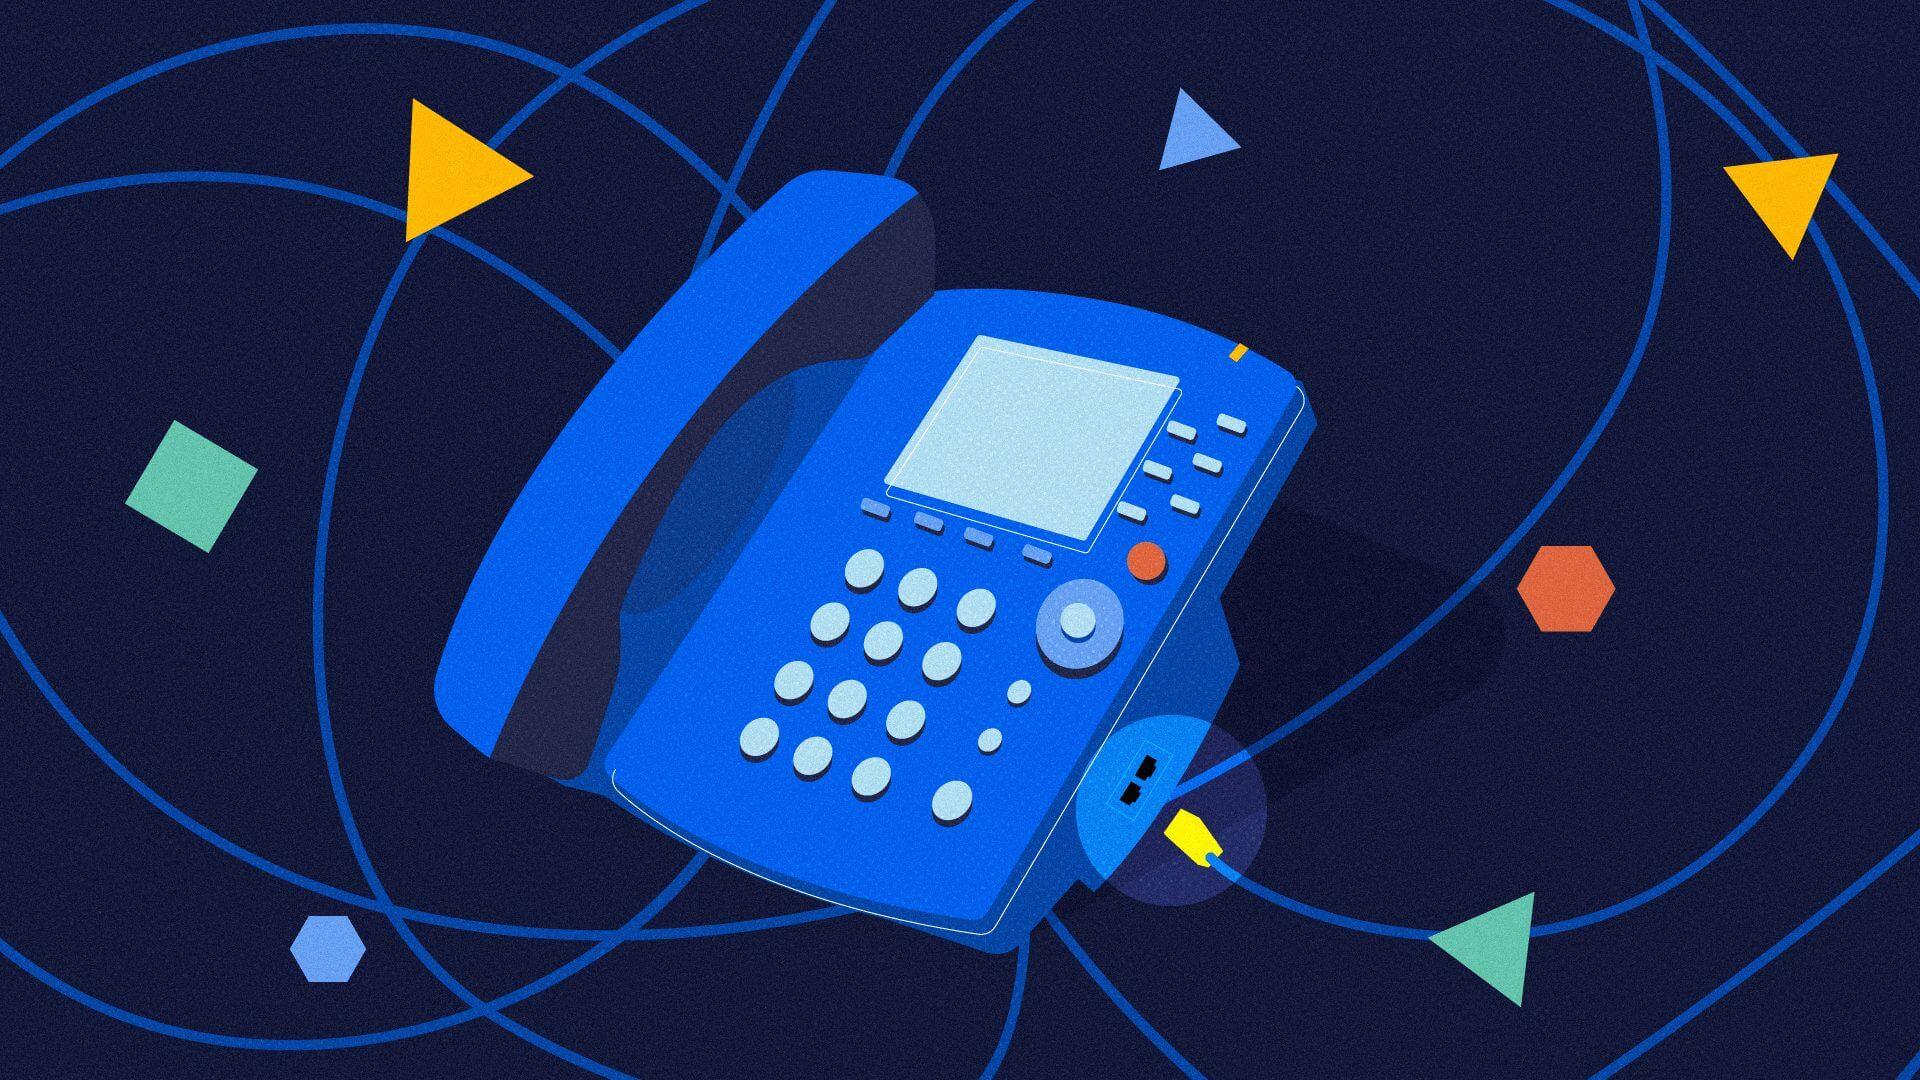 تکنولوژی ویپ (VoIP) به زبان ساده